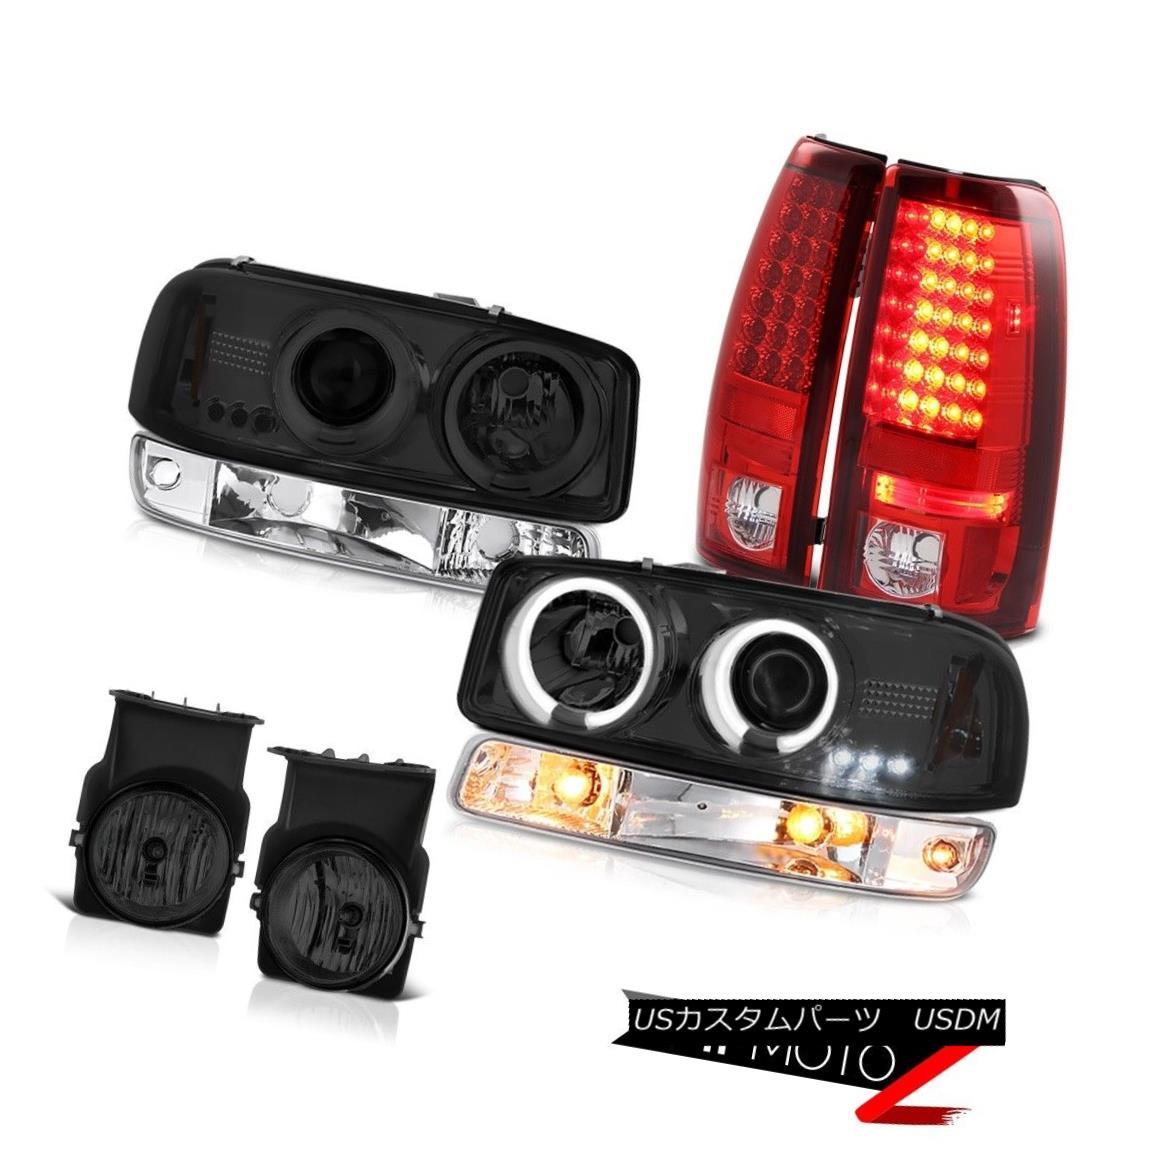 テールライト 03 04 05 06 Sierra SLE Fog lights tail clear chrome bumper lamp ccfl Headlights 03 04 05 06シエラSLEフォグライトテールクリアクロムバンパーランプccflヘッドライト